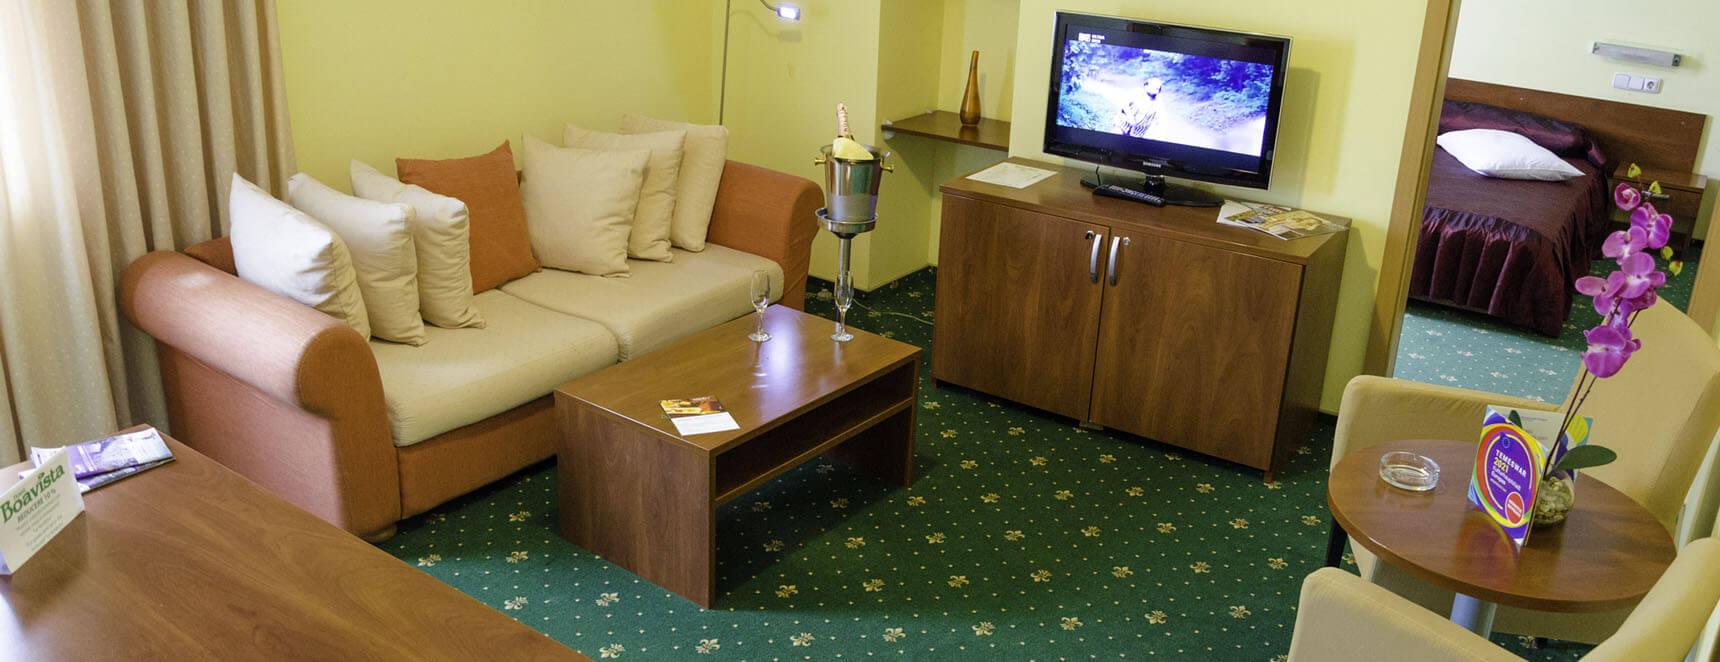 Apartament Suită Hotel Boavista